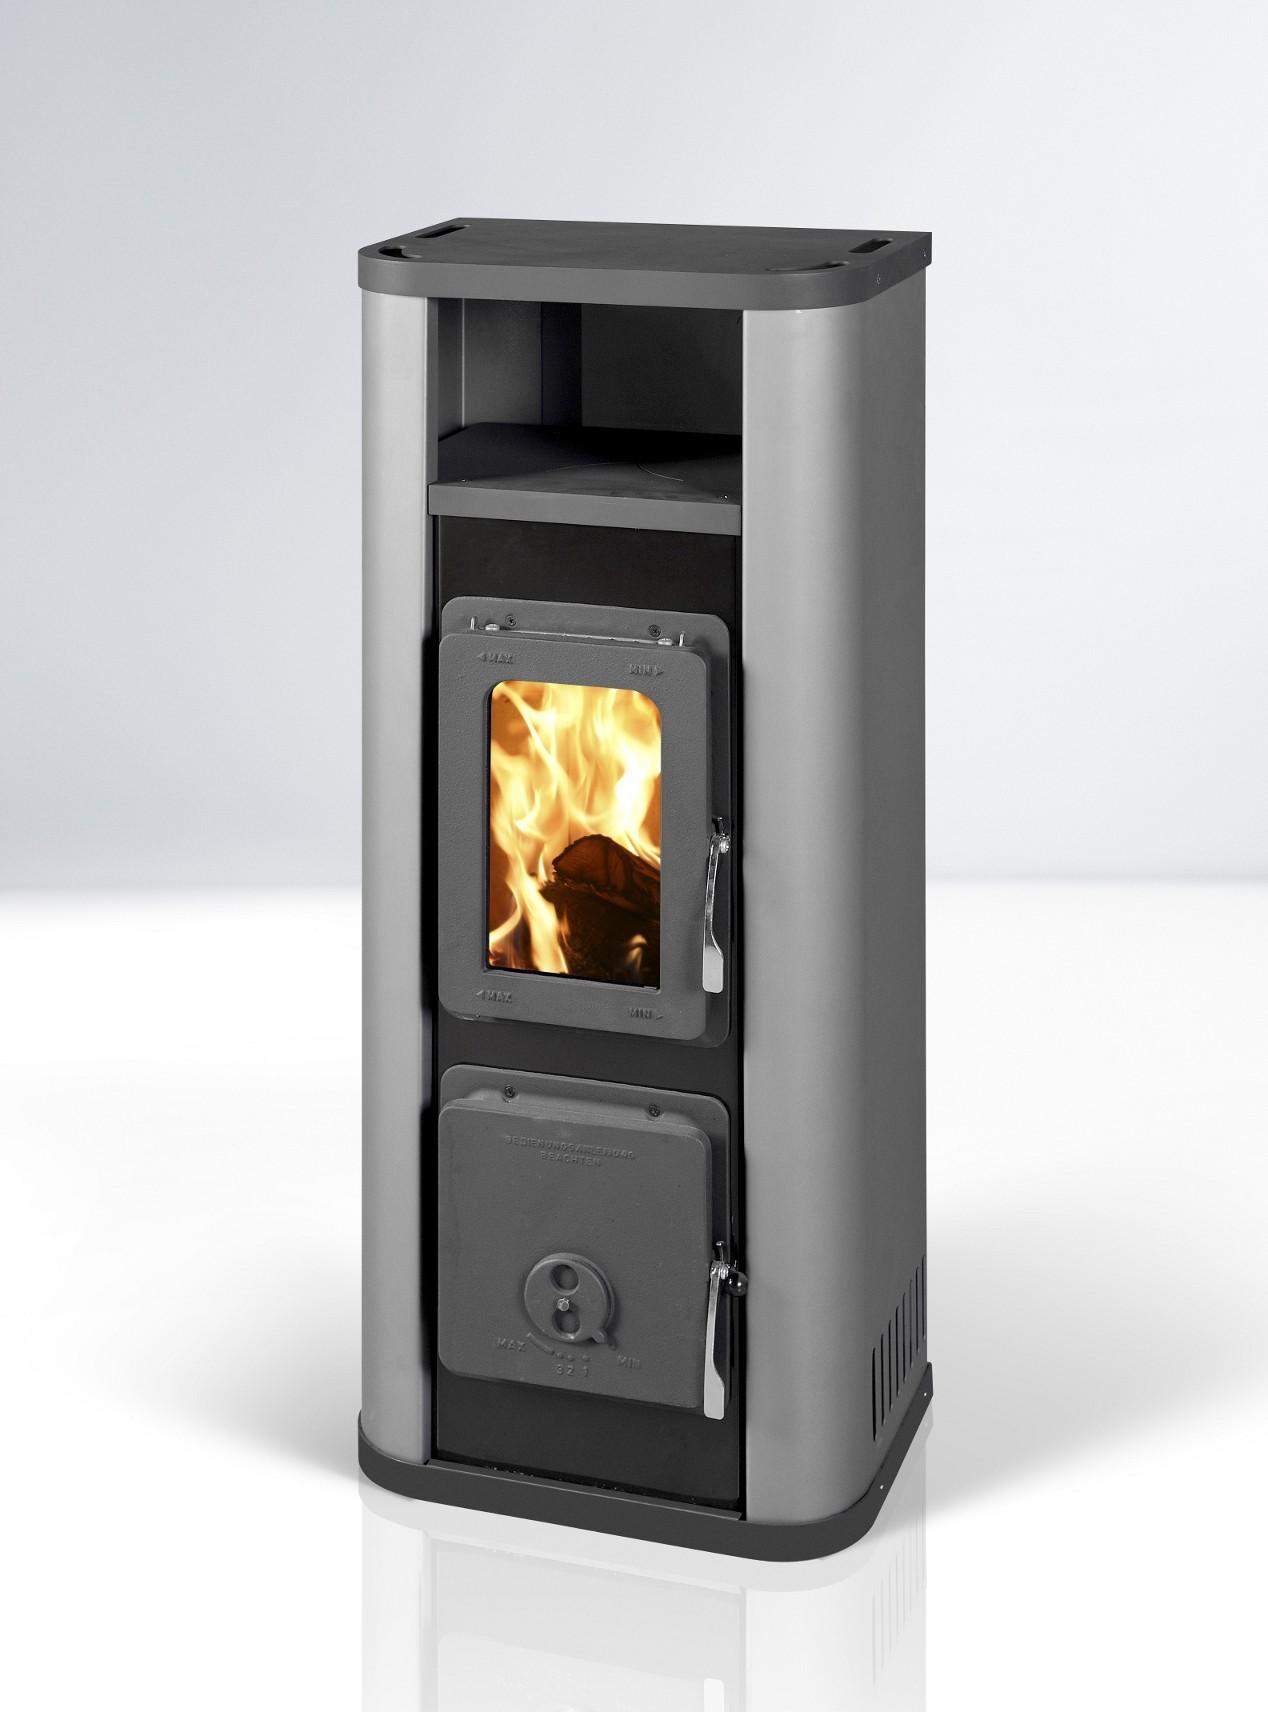 kaminofen werkstattofen thorma brixen schwarz eisengrau 5 kw bei. Black Bedroom Furniture Sets. Home Design Ideas